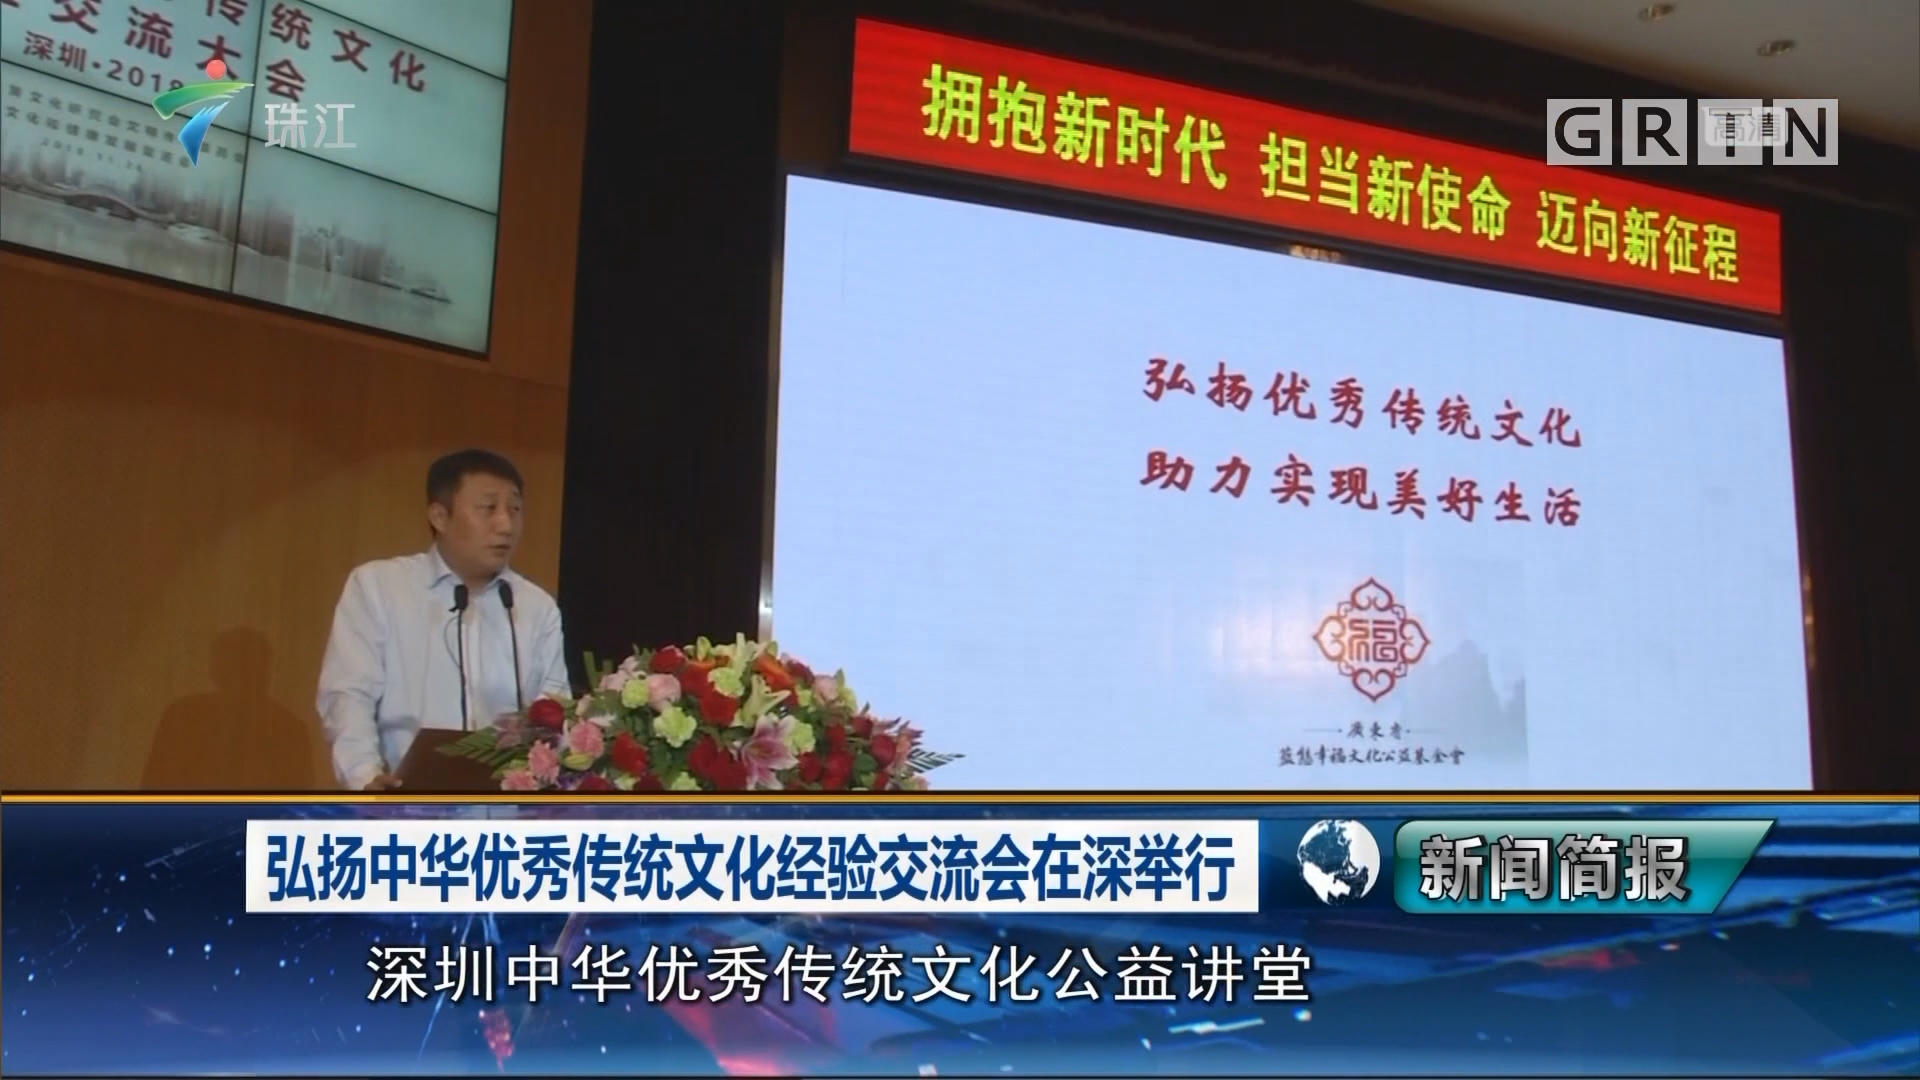 弘扬中华优秀传统文化经验交流会在深举行